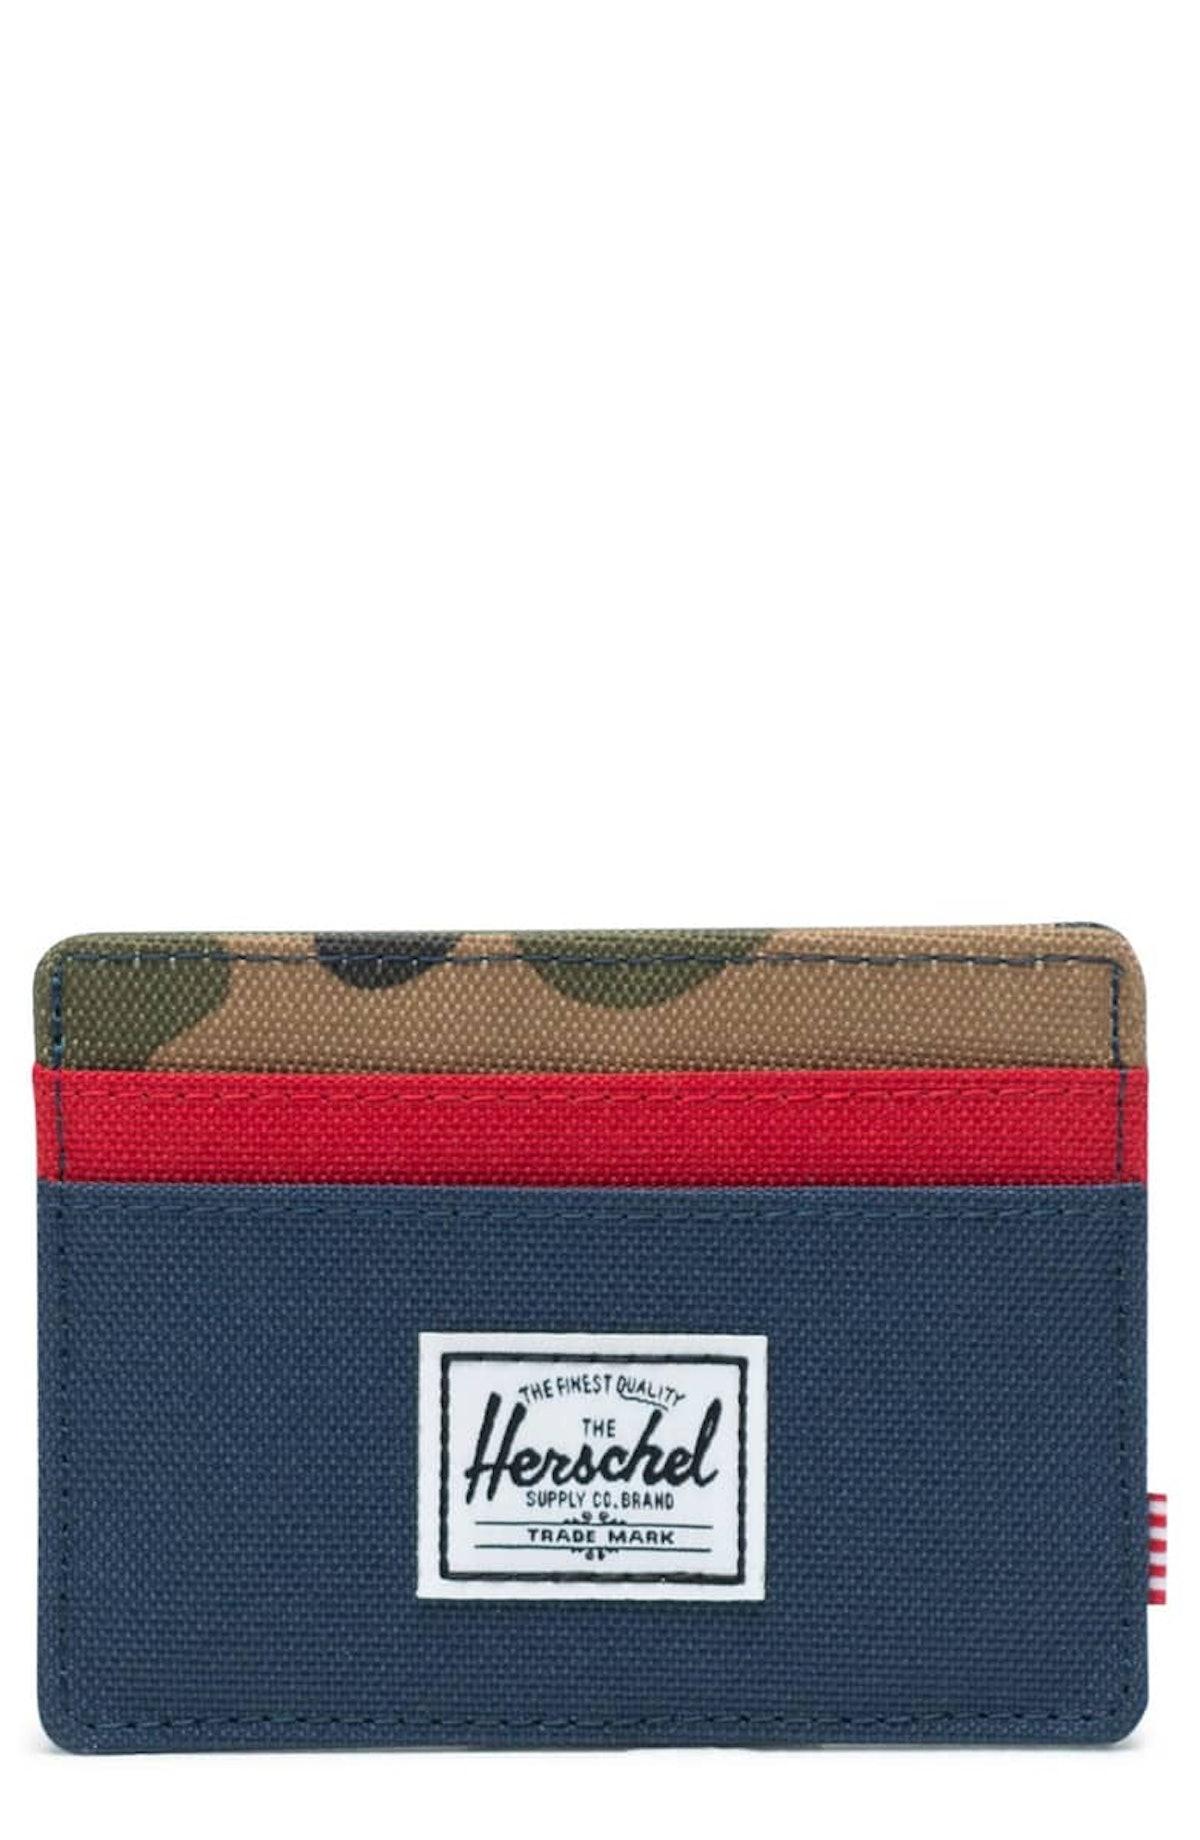 Herschel Supply Co. Card Case